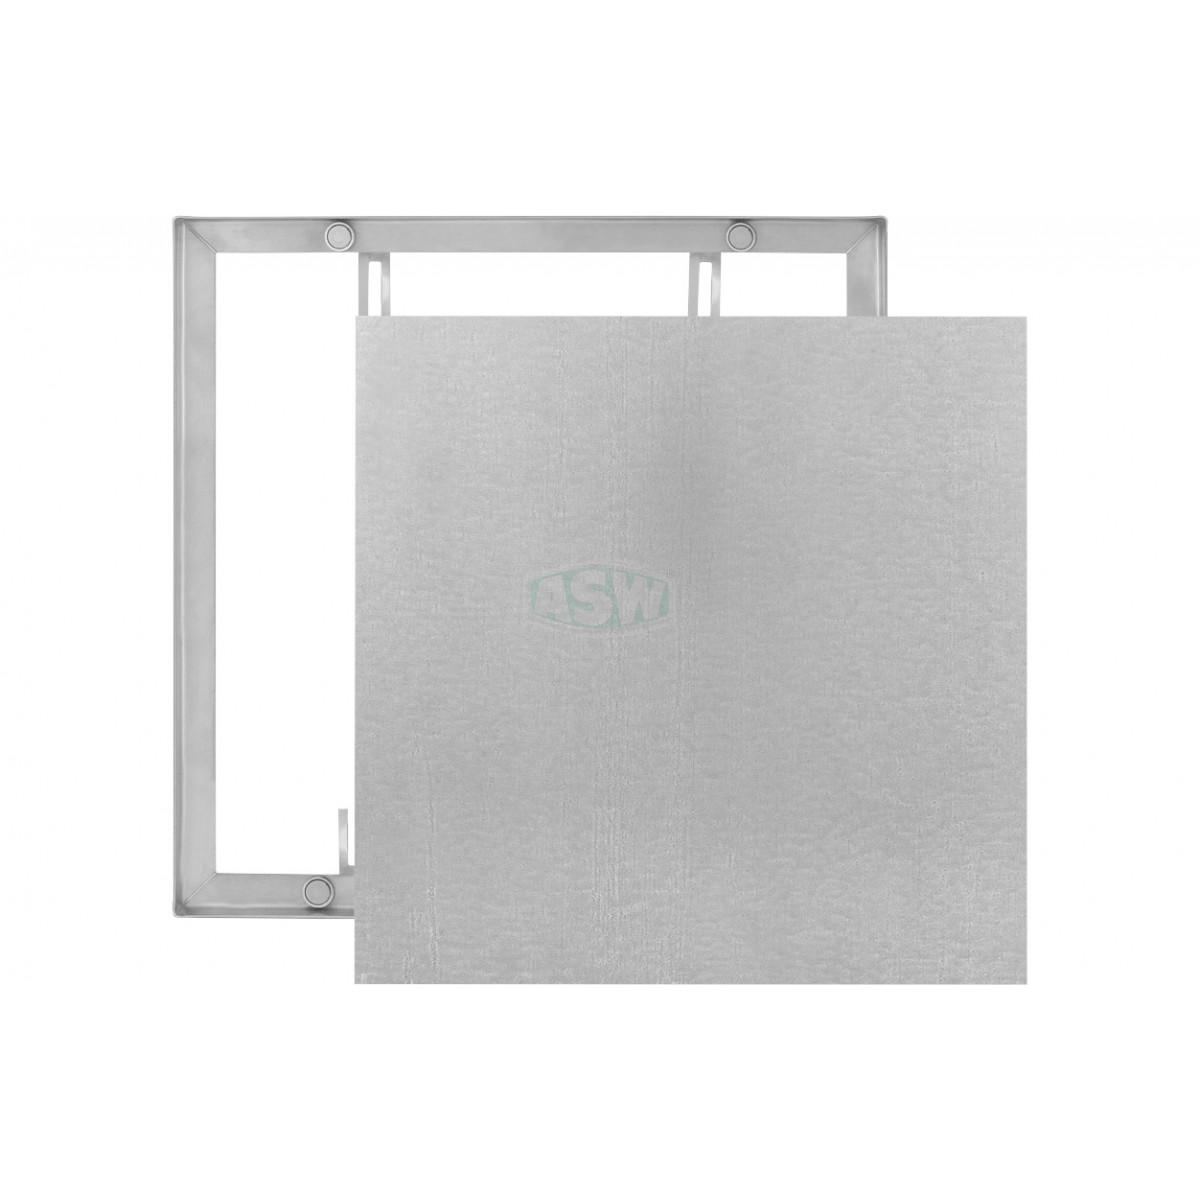 stainless steel magnet tile frame